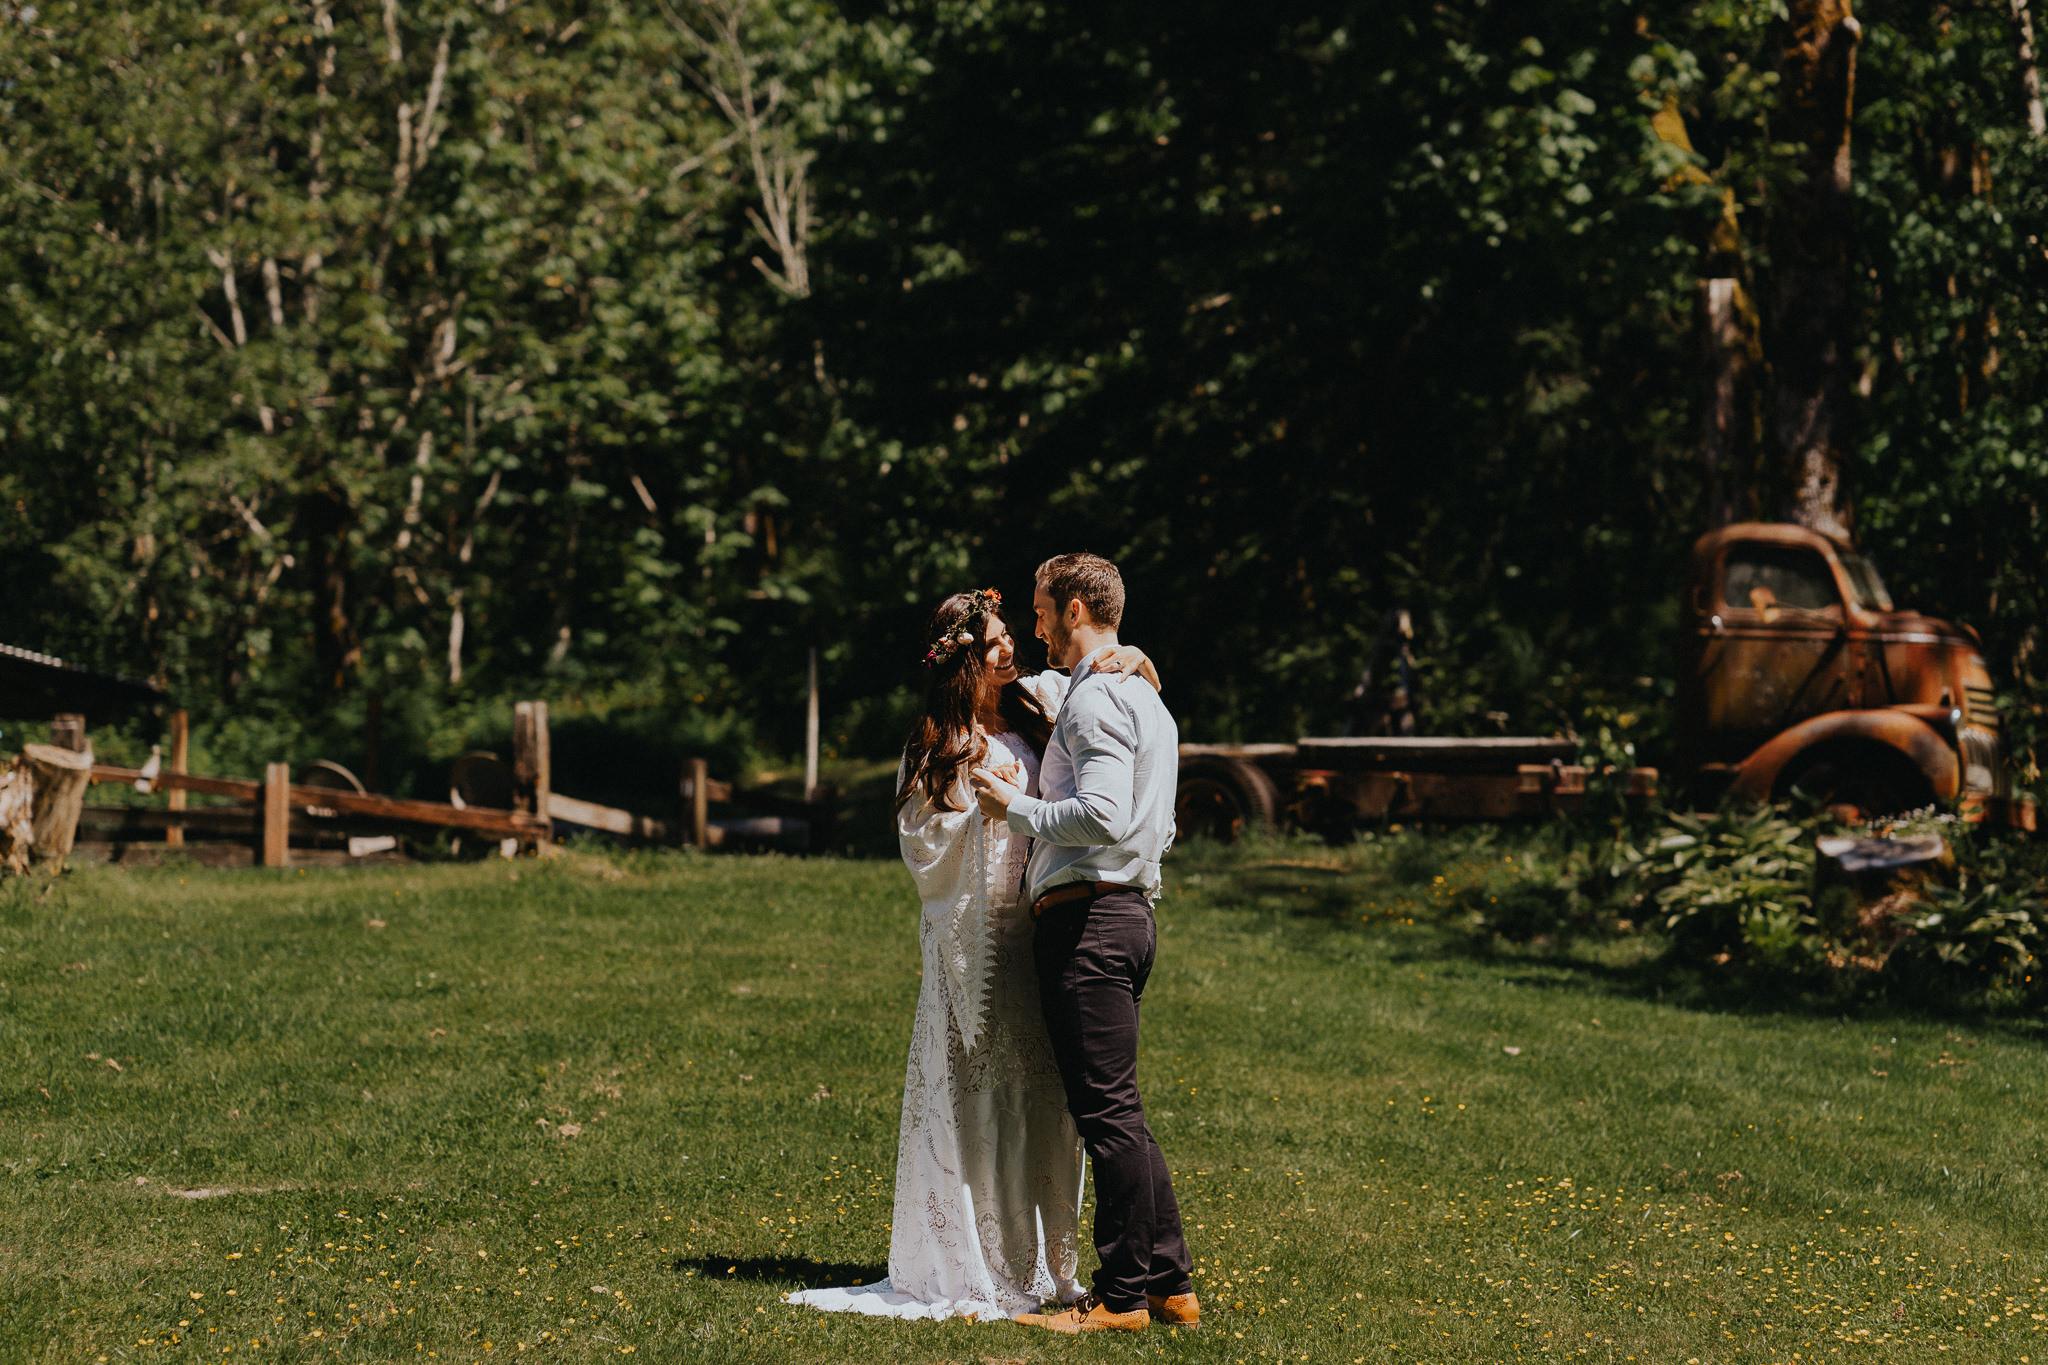 Bride-Groom-Dance-Elopement-Photographer